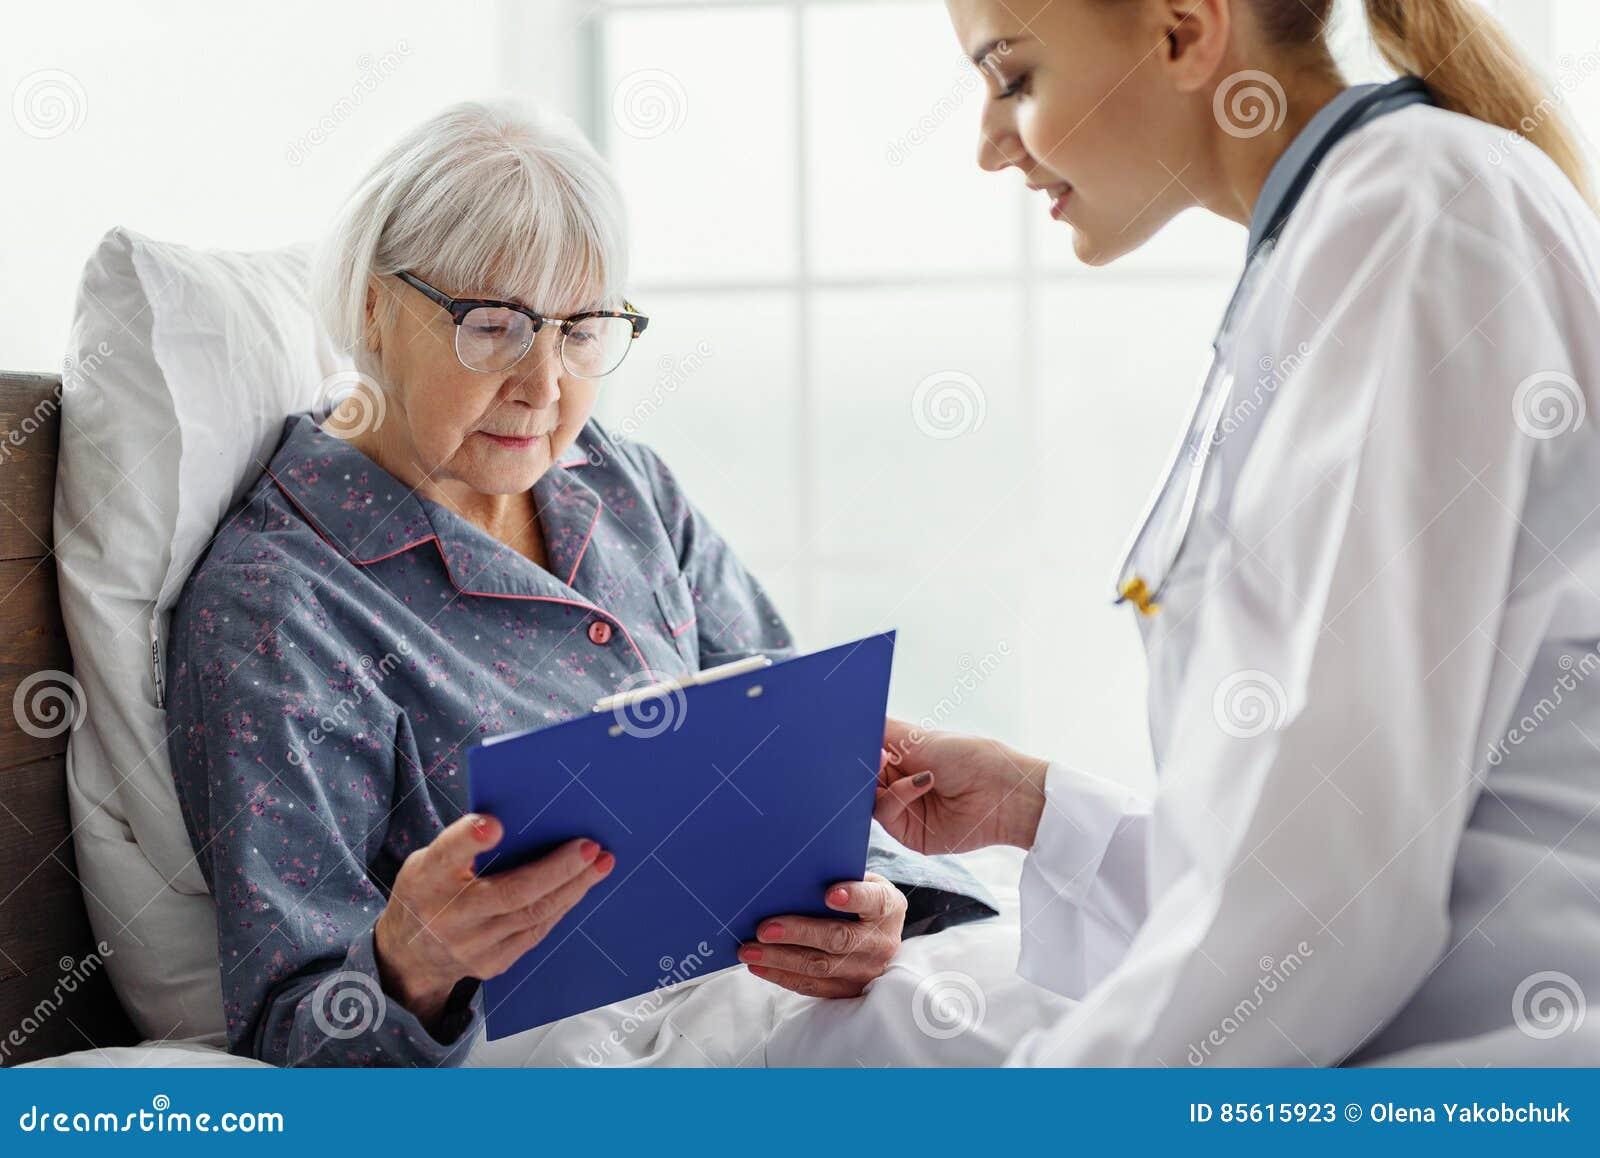 Картинки по запросу фото старухи в поликлинике